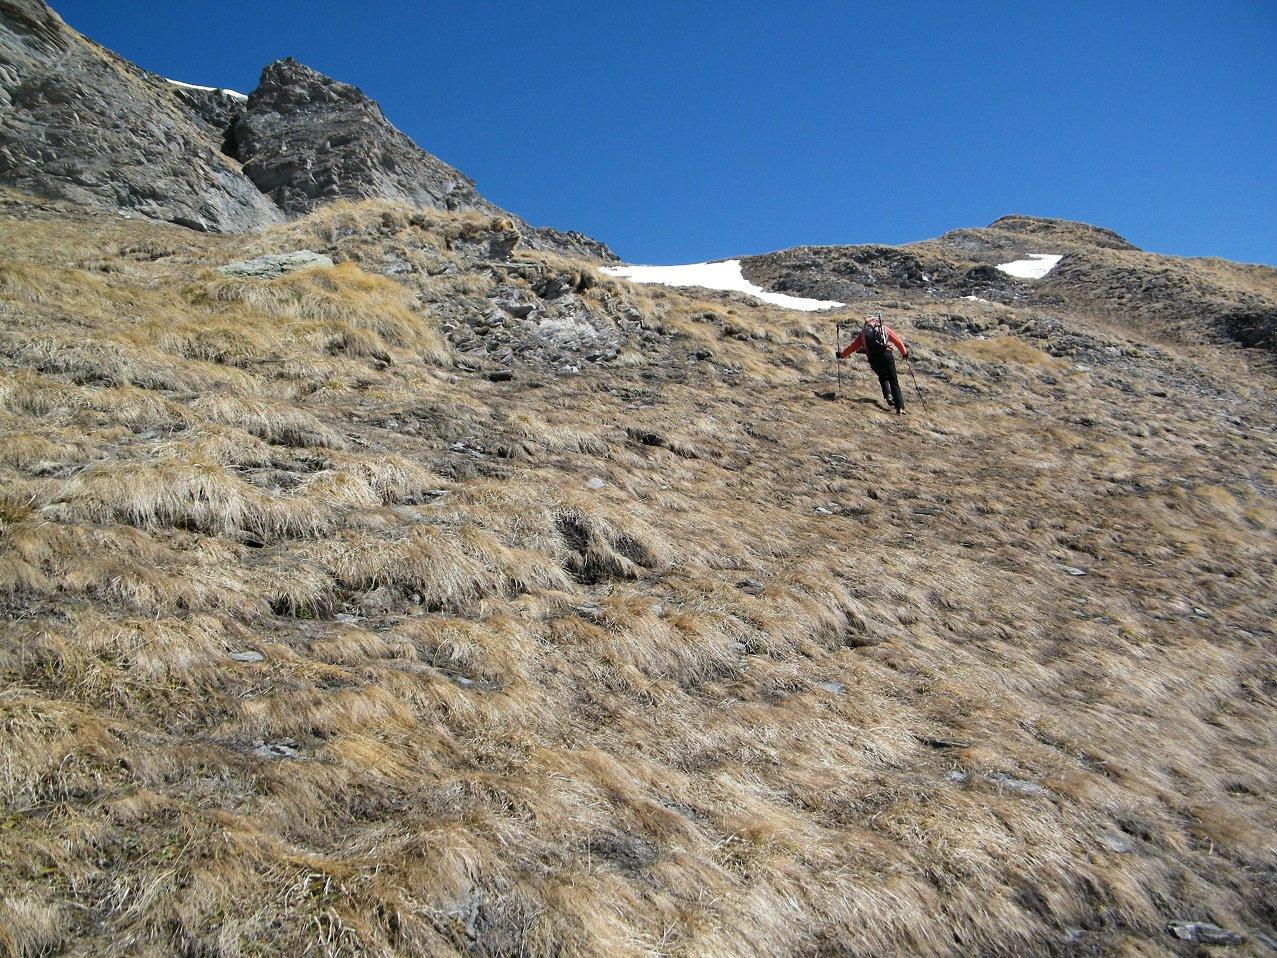 Sui ripidi pendii erbosi che, costeggiando le rocce sommitali, portano alla valletta erbosa.